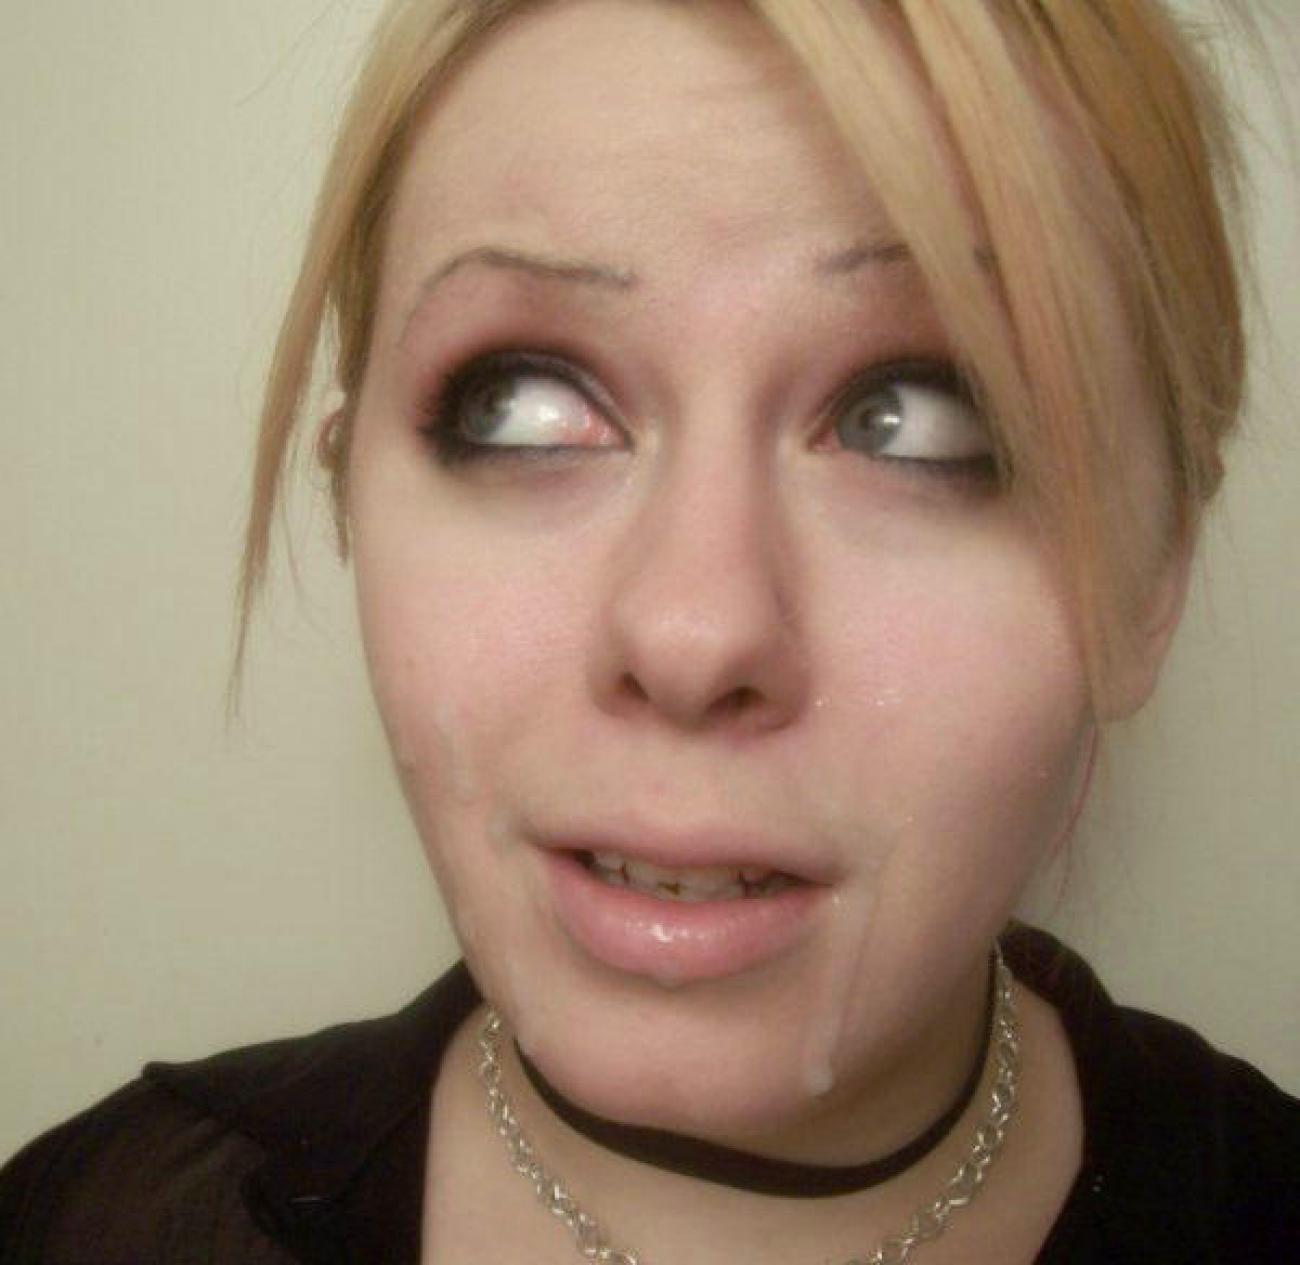 Сперма на лице ведущих фото 3 фотография